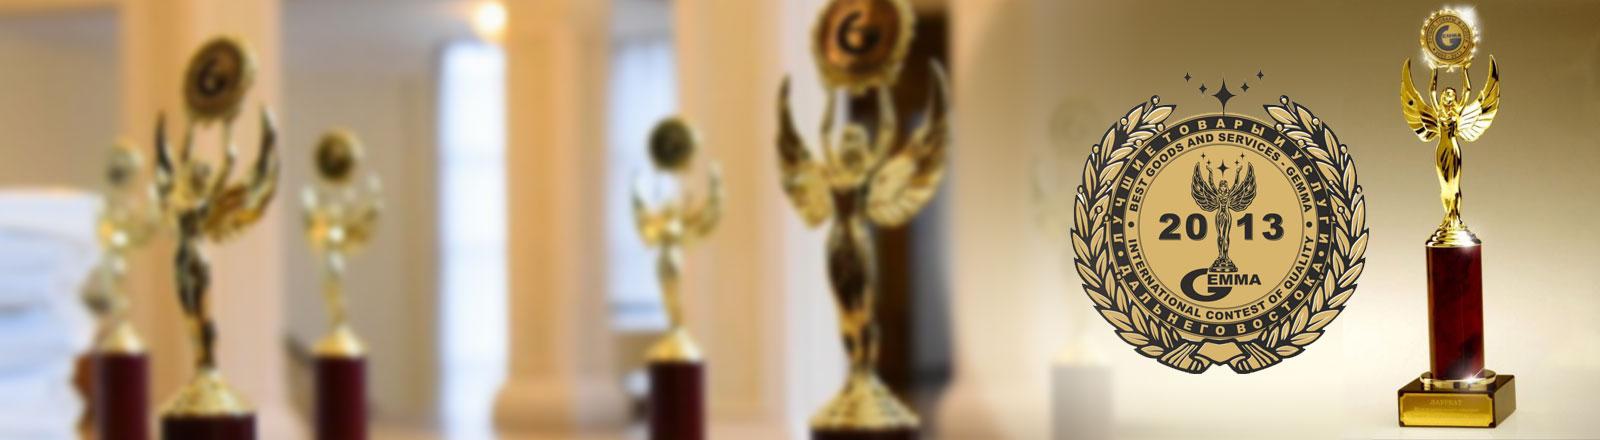 Лучшие товары и услуги — ГЕММА — 2013